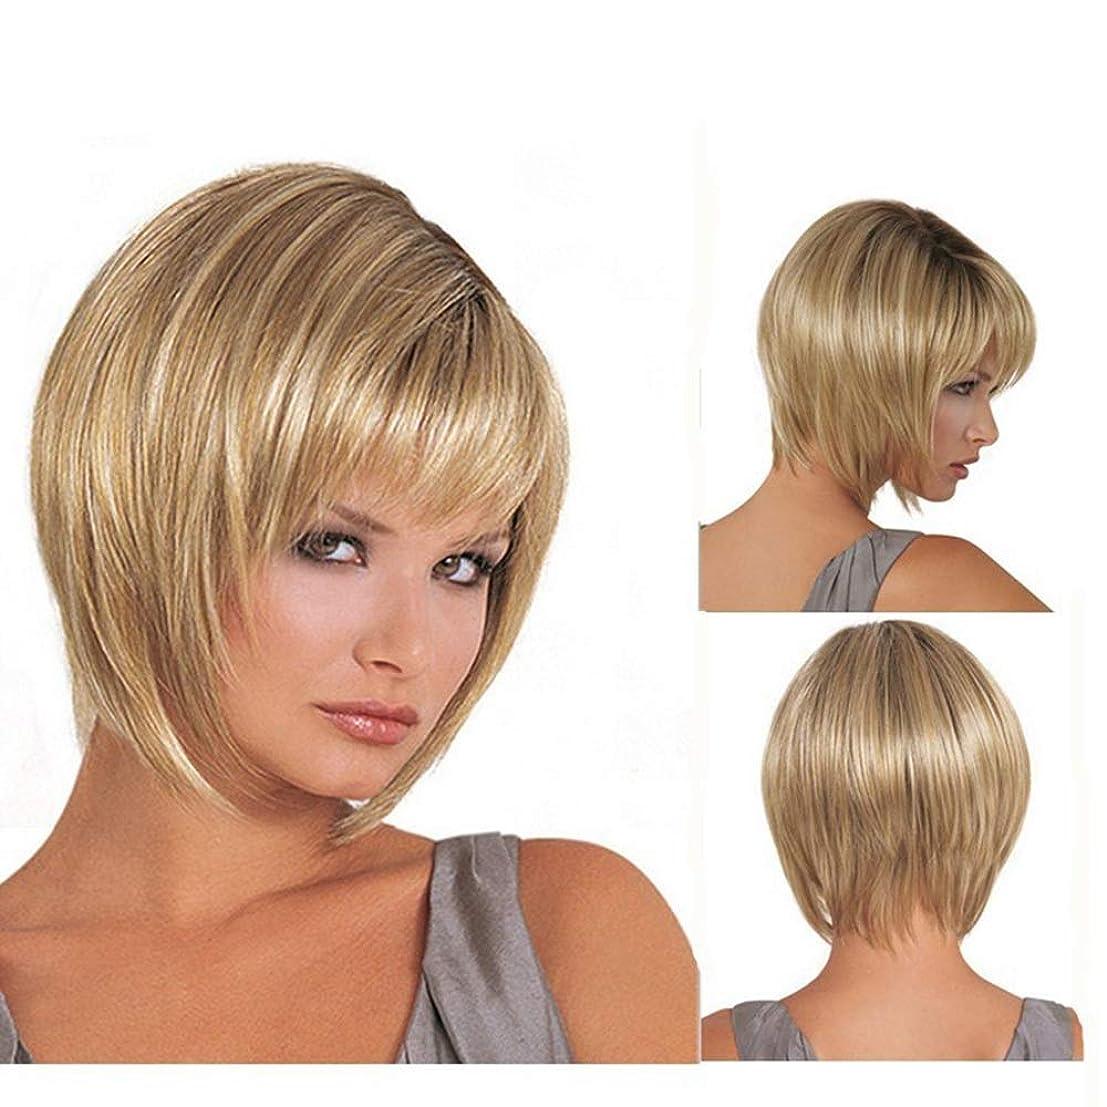 動人官僚WASAIO ブロンドの髪型ショートストレートヘアふわふわウィッグ (色 : Blonde)